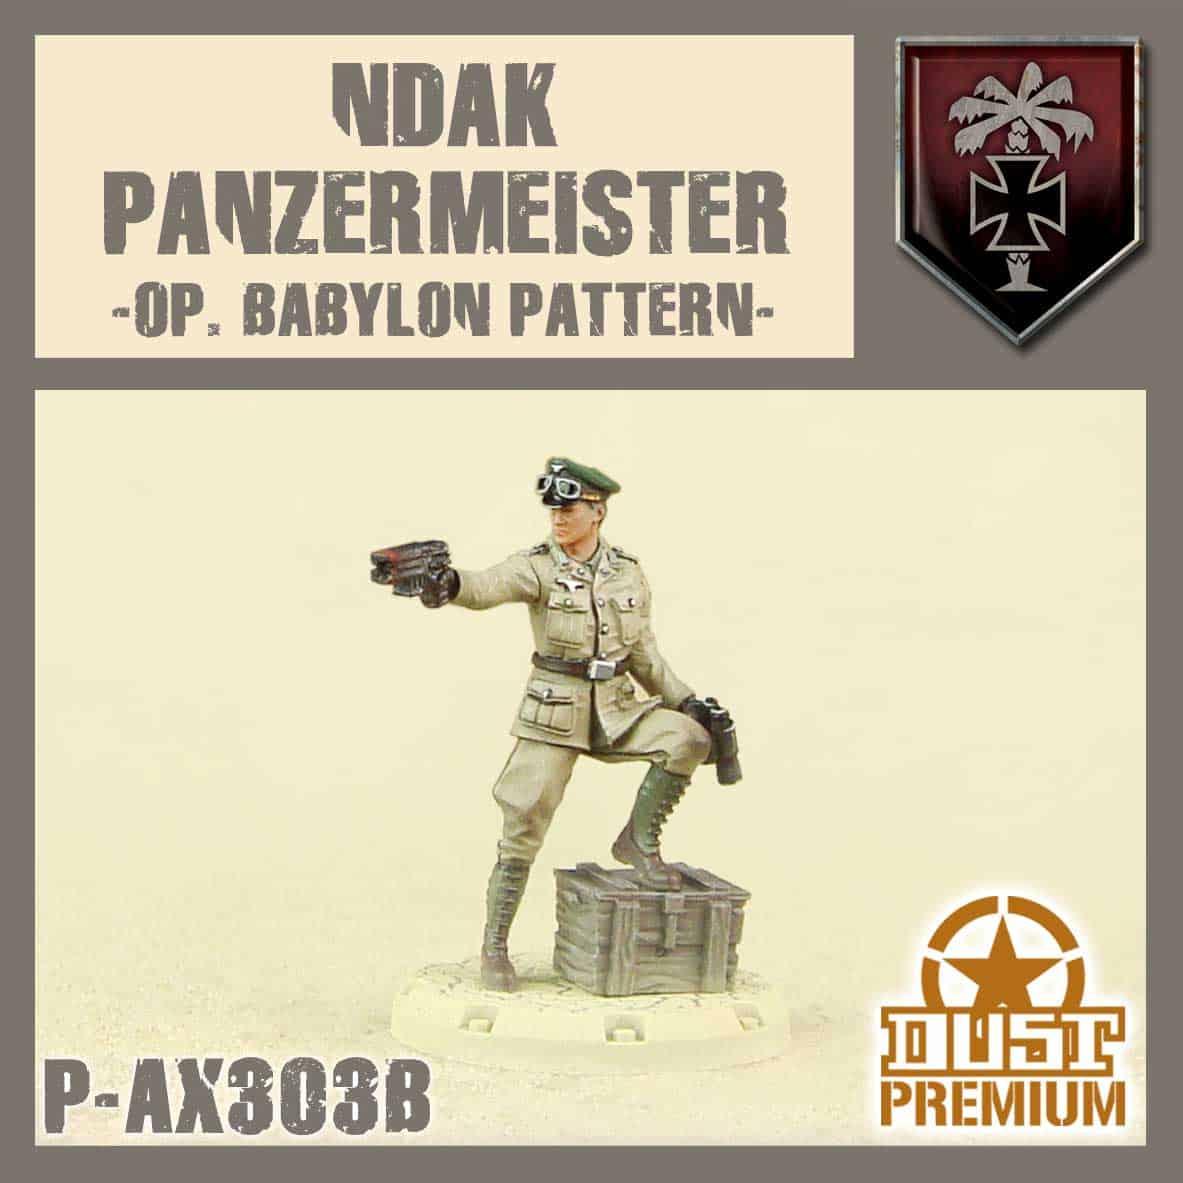 Panzermeister - Premium